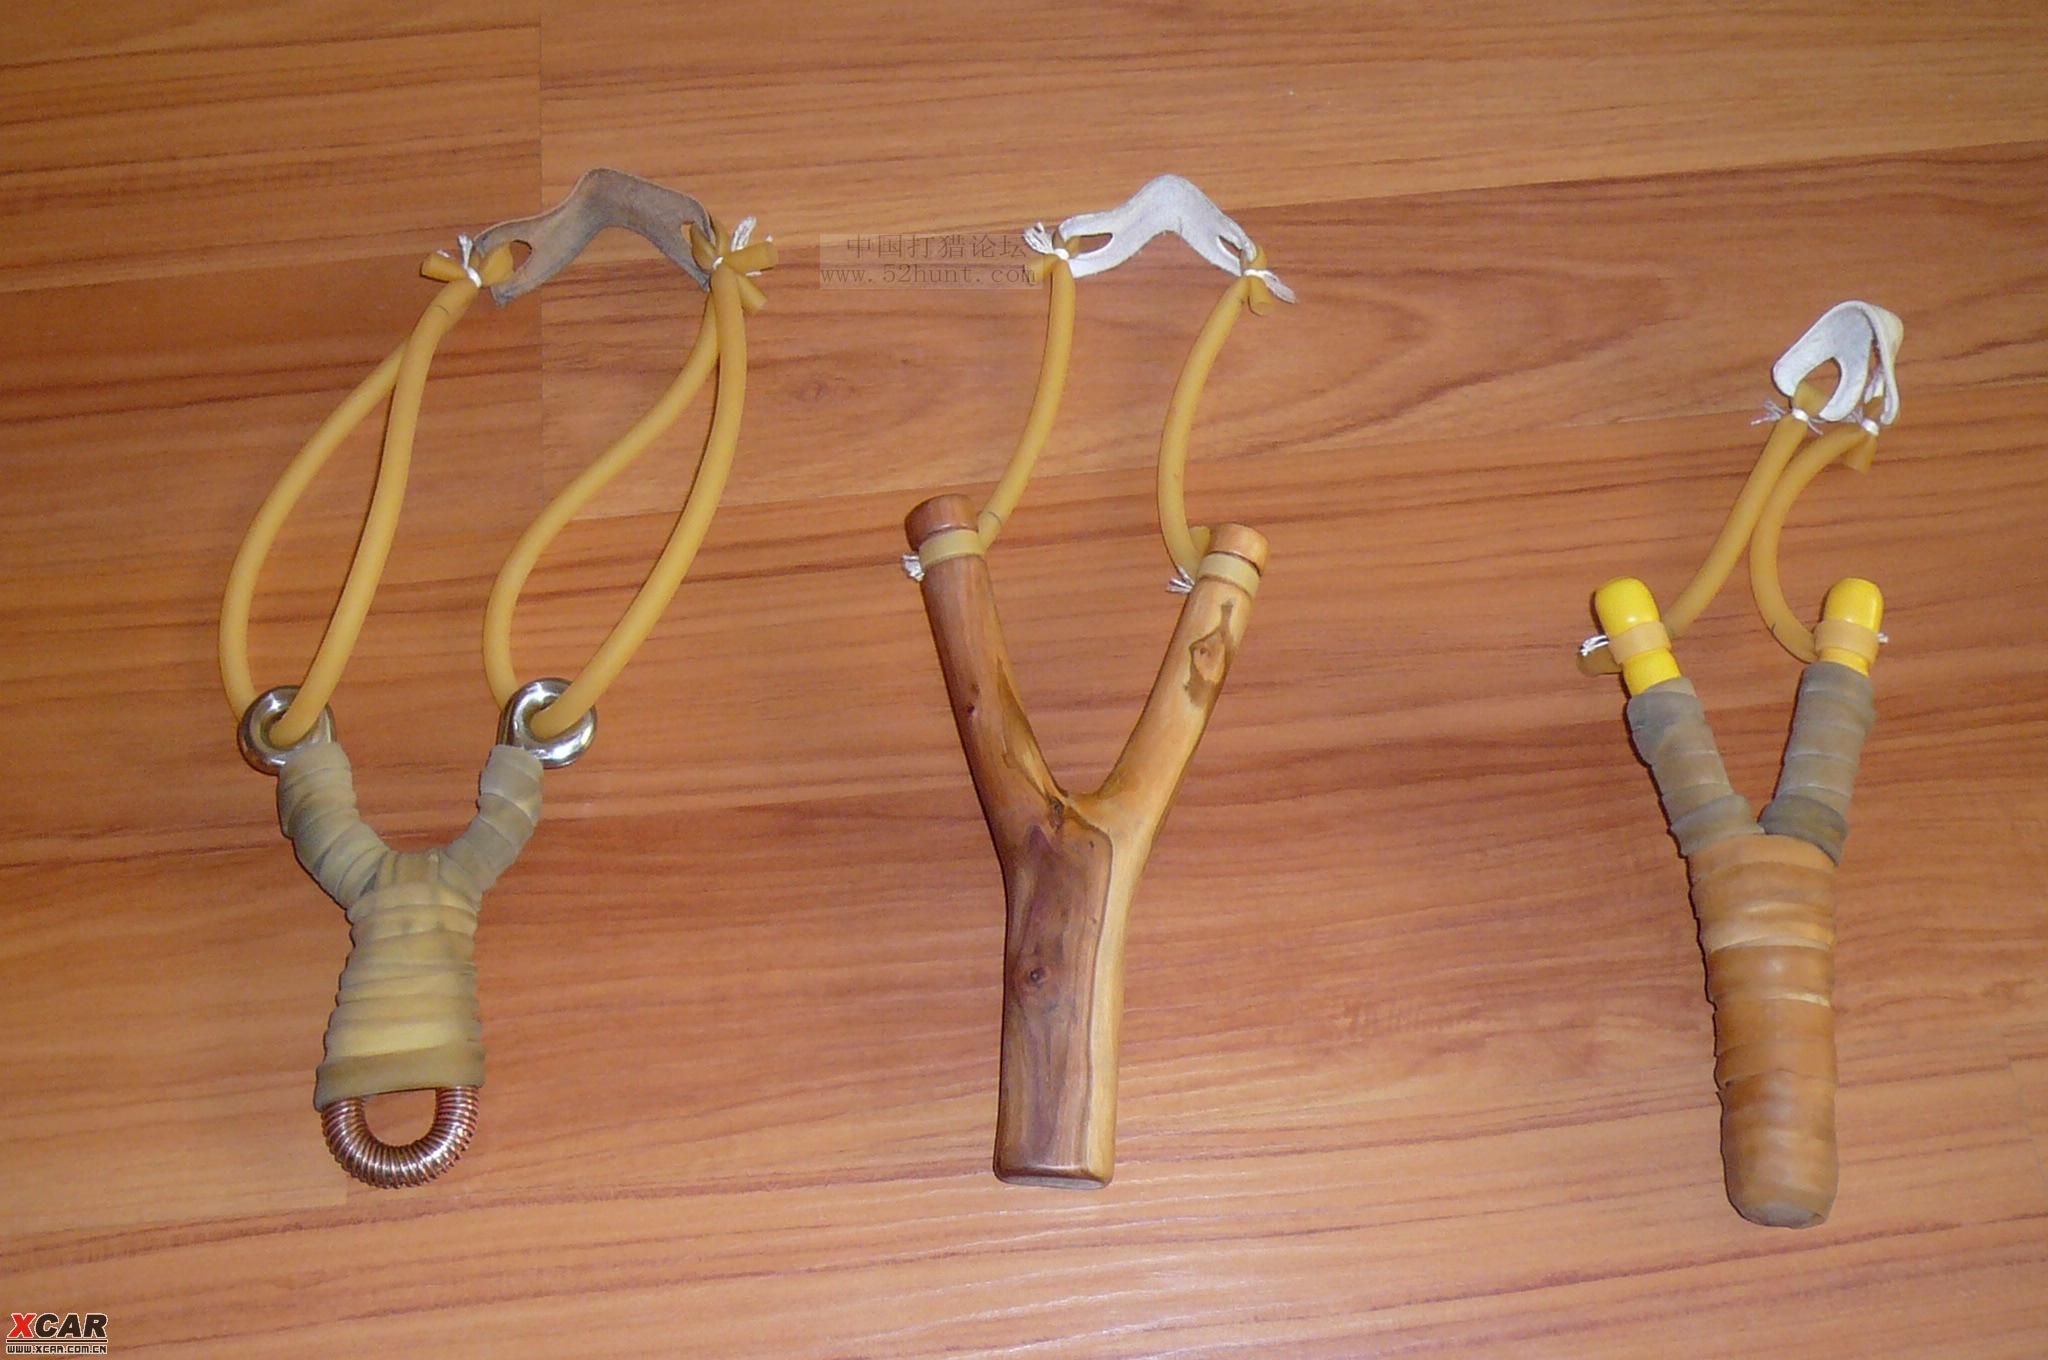 老玩具:火柴枪(链条枪)的制作过程